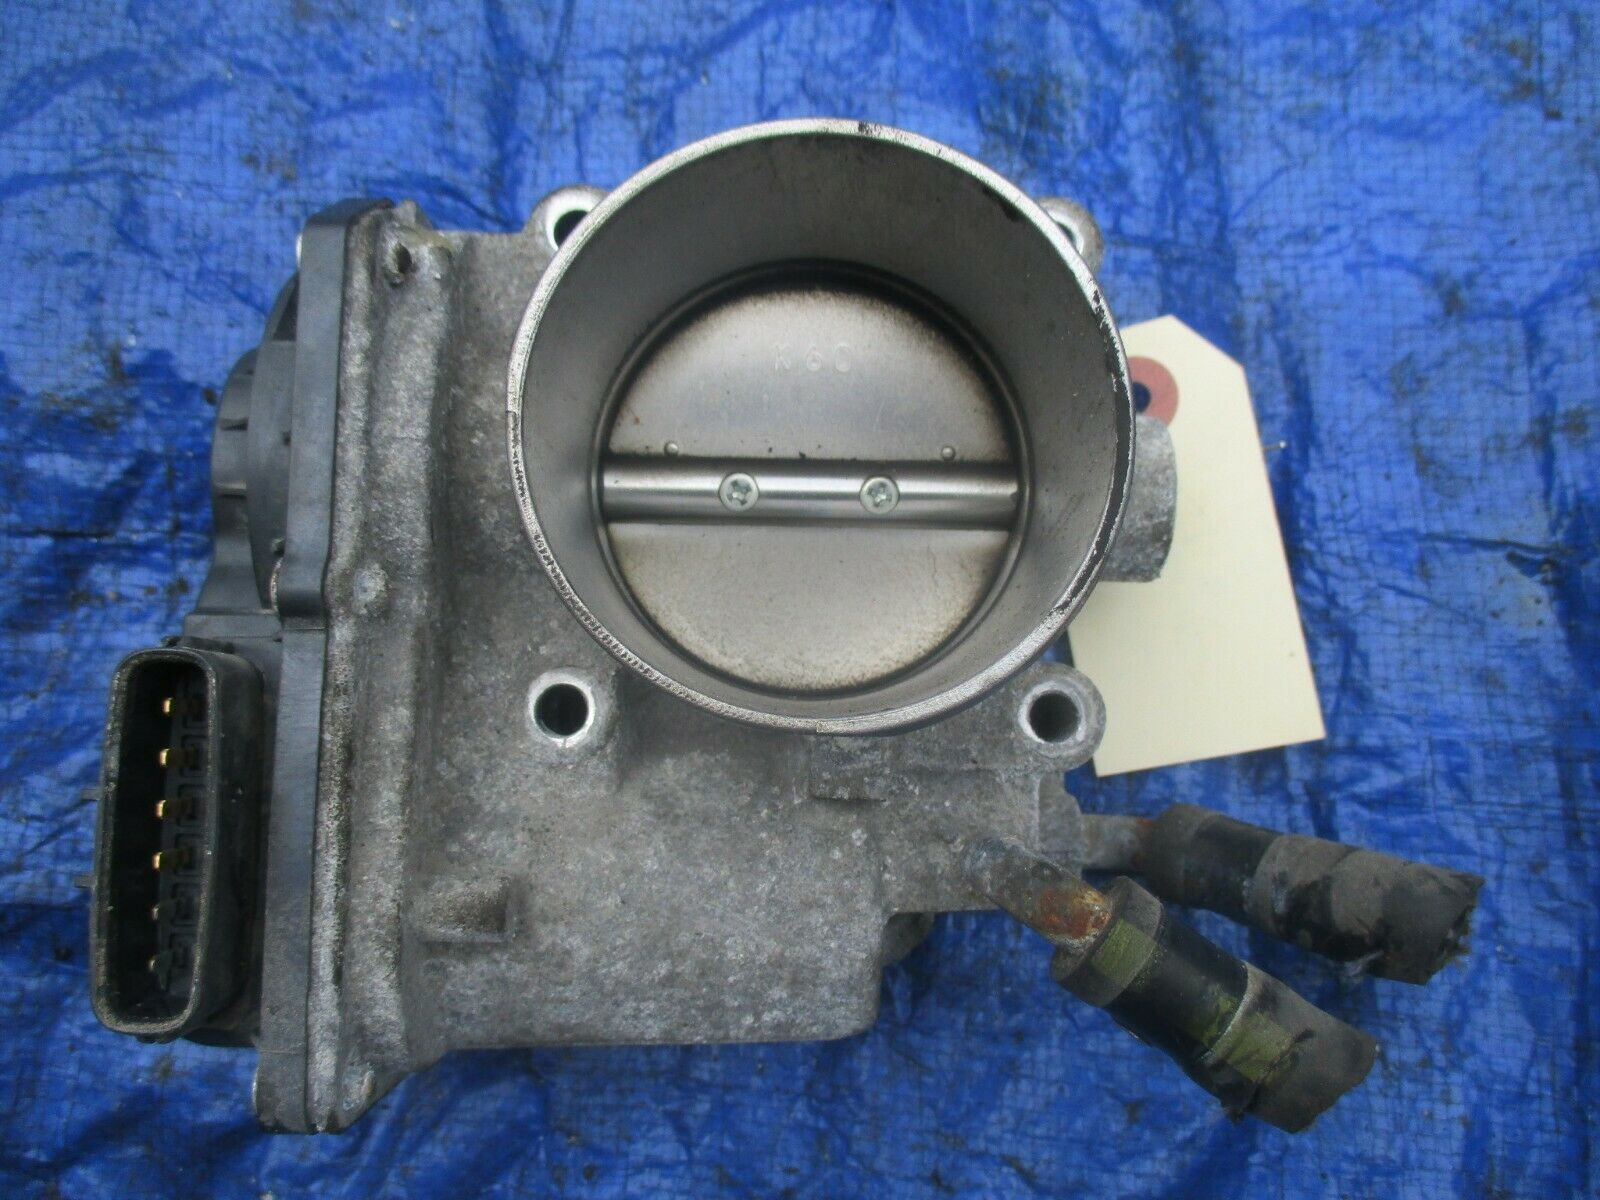 2013 Hyundai Elantra 1.8 NU10 throttle body assembly engine motor OEM electronic